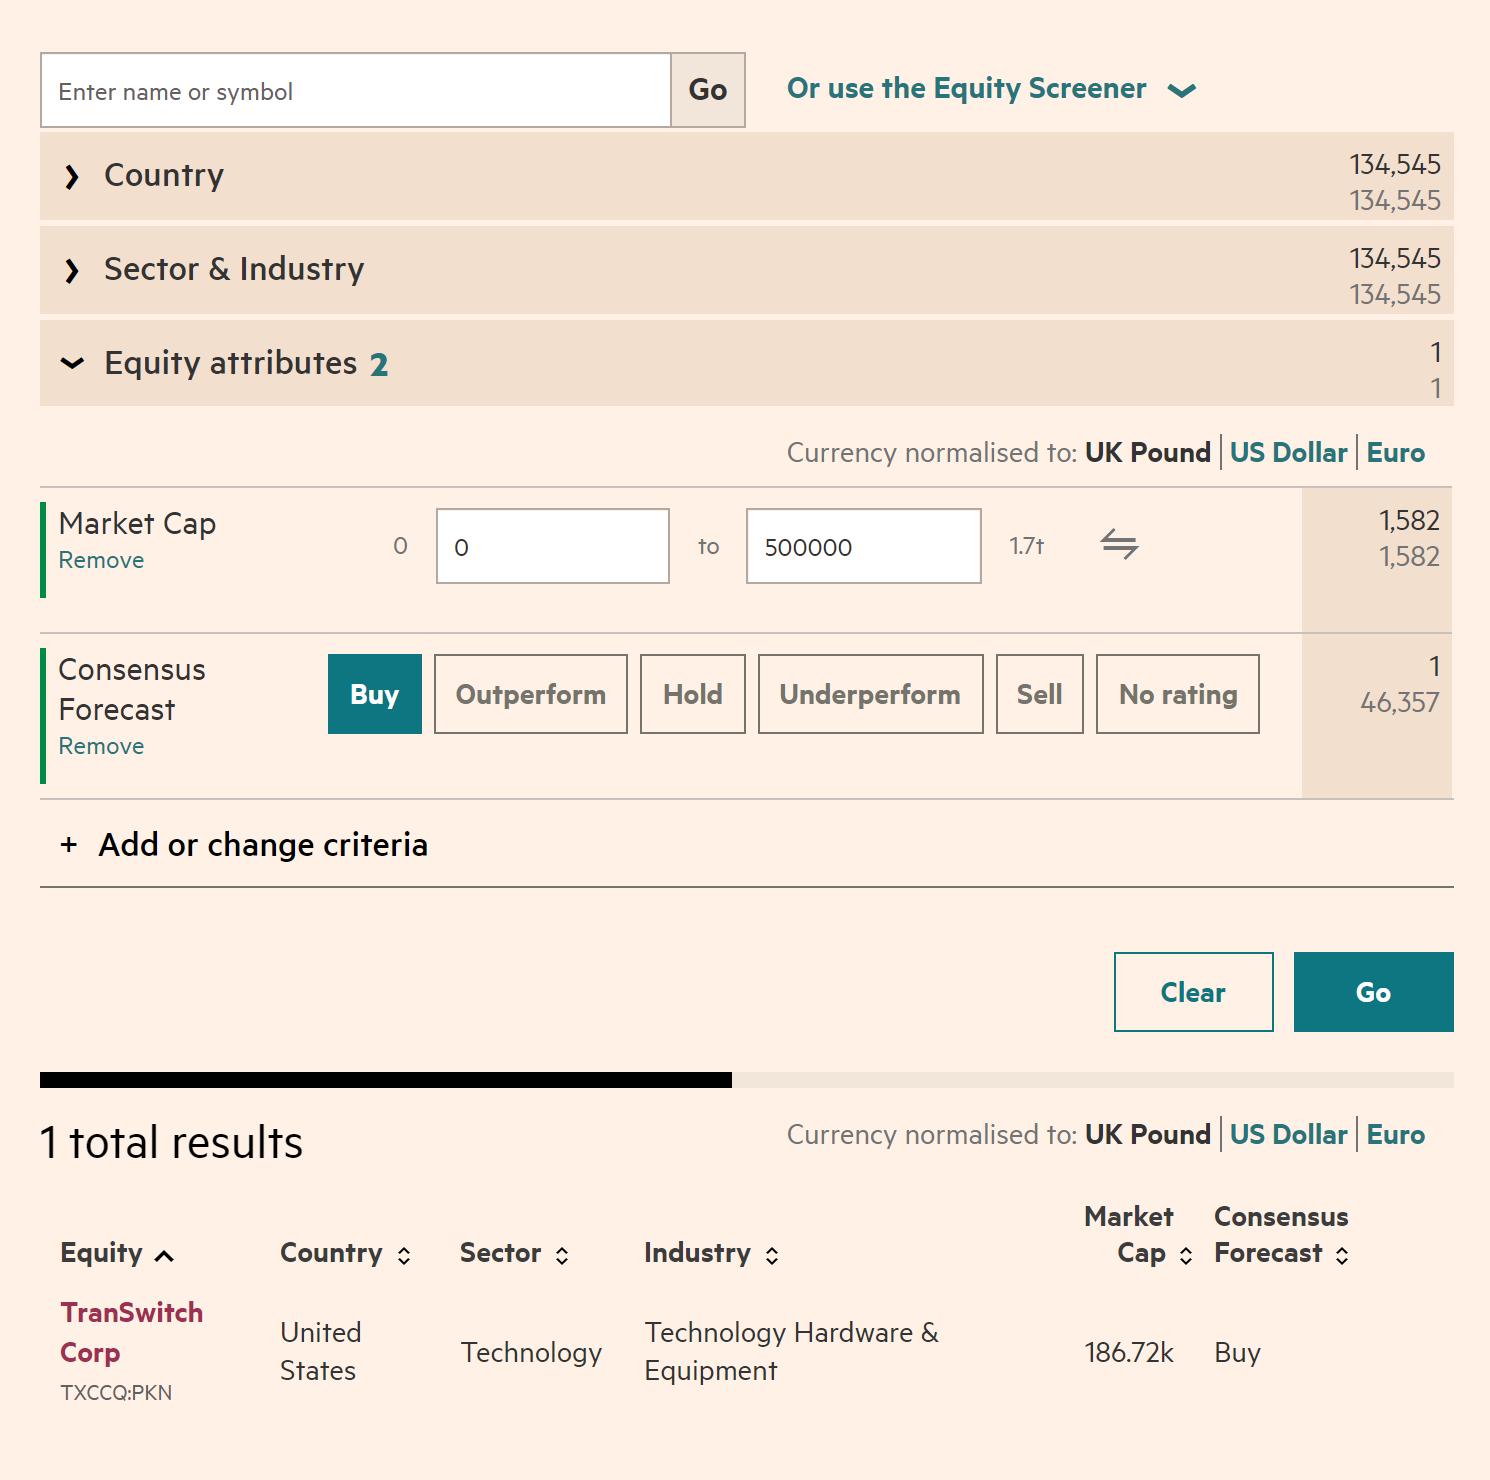 Скринер от Financial Times позволяет учитывать прогноз аналитиков. Например, я хочу найти маленькие компании, акции которых рекомендованы к покупке. Тогда в поле MarketCap — рыночная капитализация — задаю диапазон от0 до500 000$, а в поле Consensus Forecast — консенсус-прогноз — выбираю Buy. Получается очень маленькая подборка из одной компании